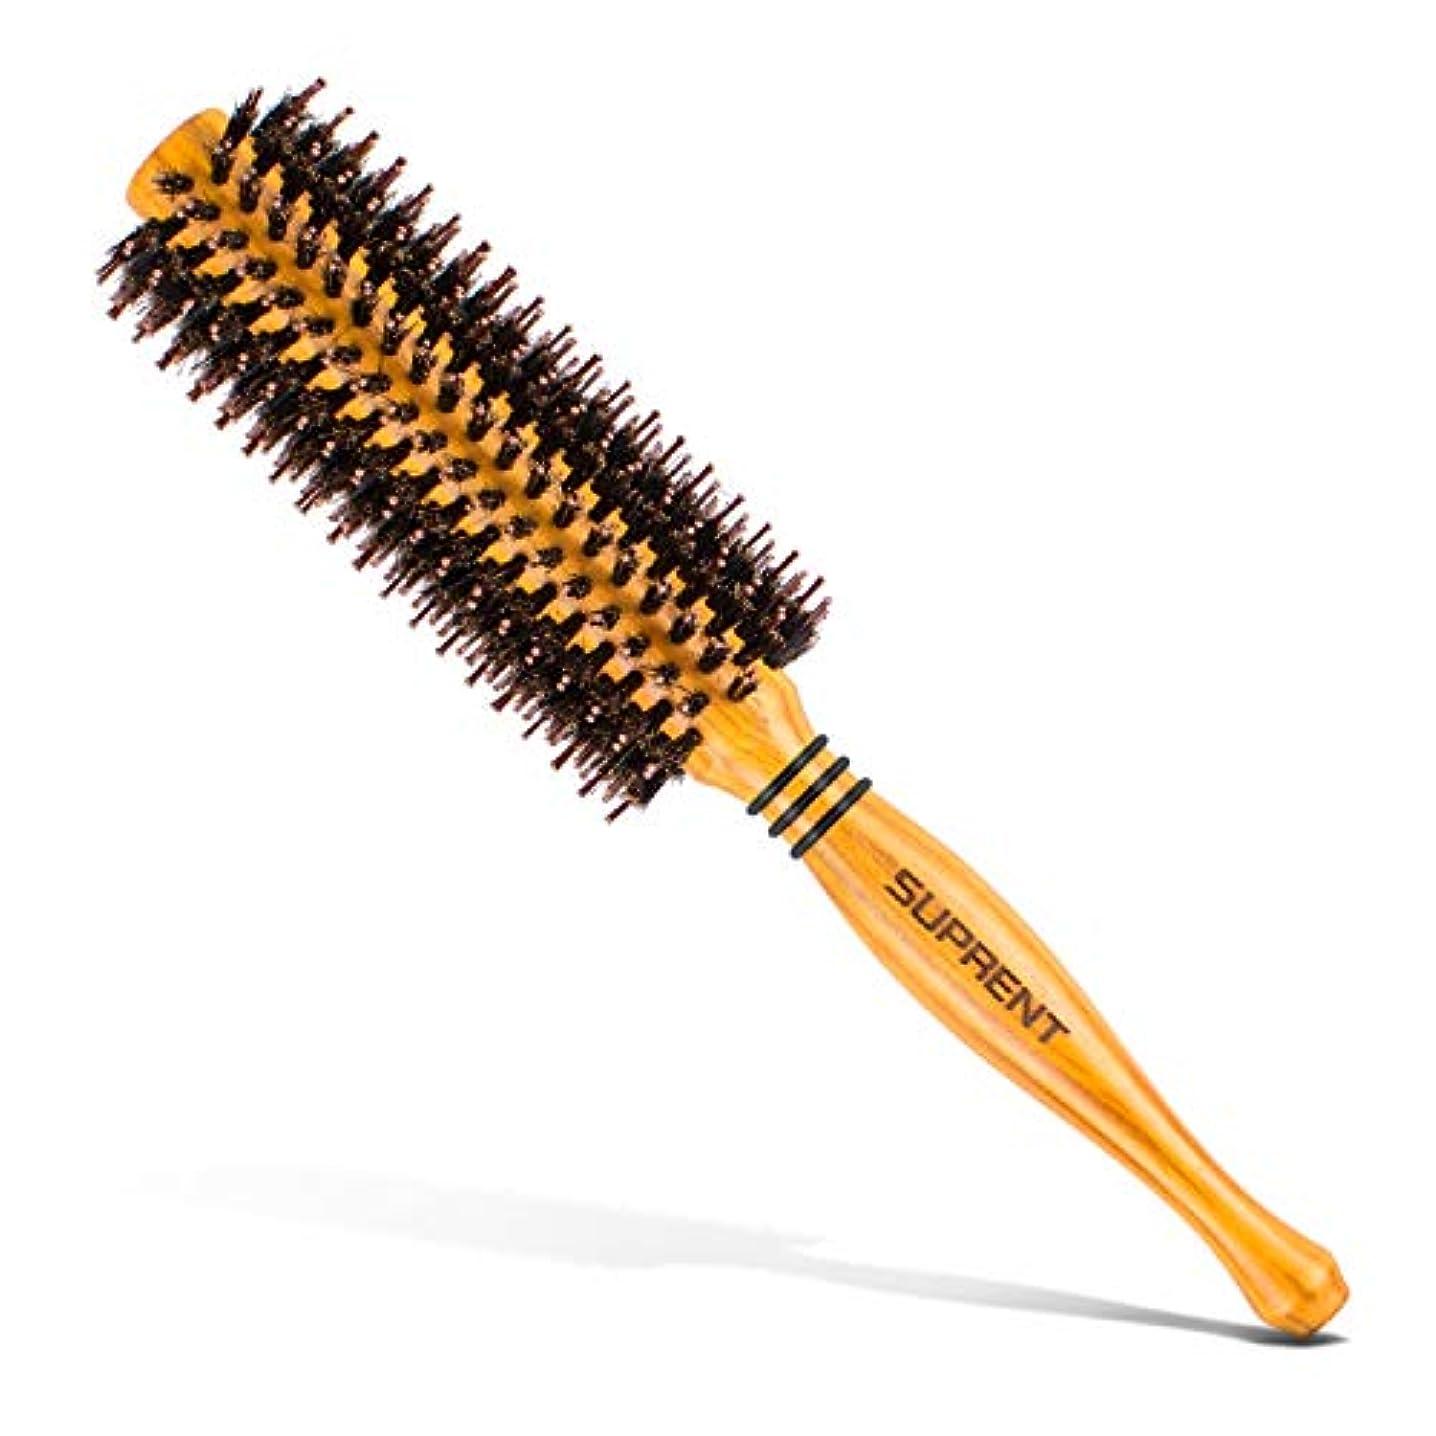 神経障害ピアのりロールブラシ/ヘアブラシ豚毛カール 木製櫛 スタイリングブラシ 巻き髪 静電気防止